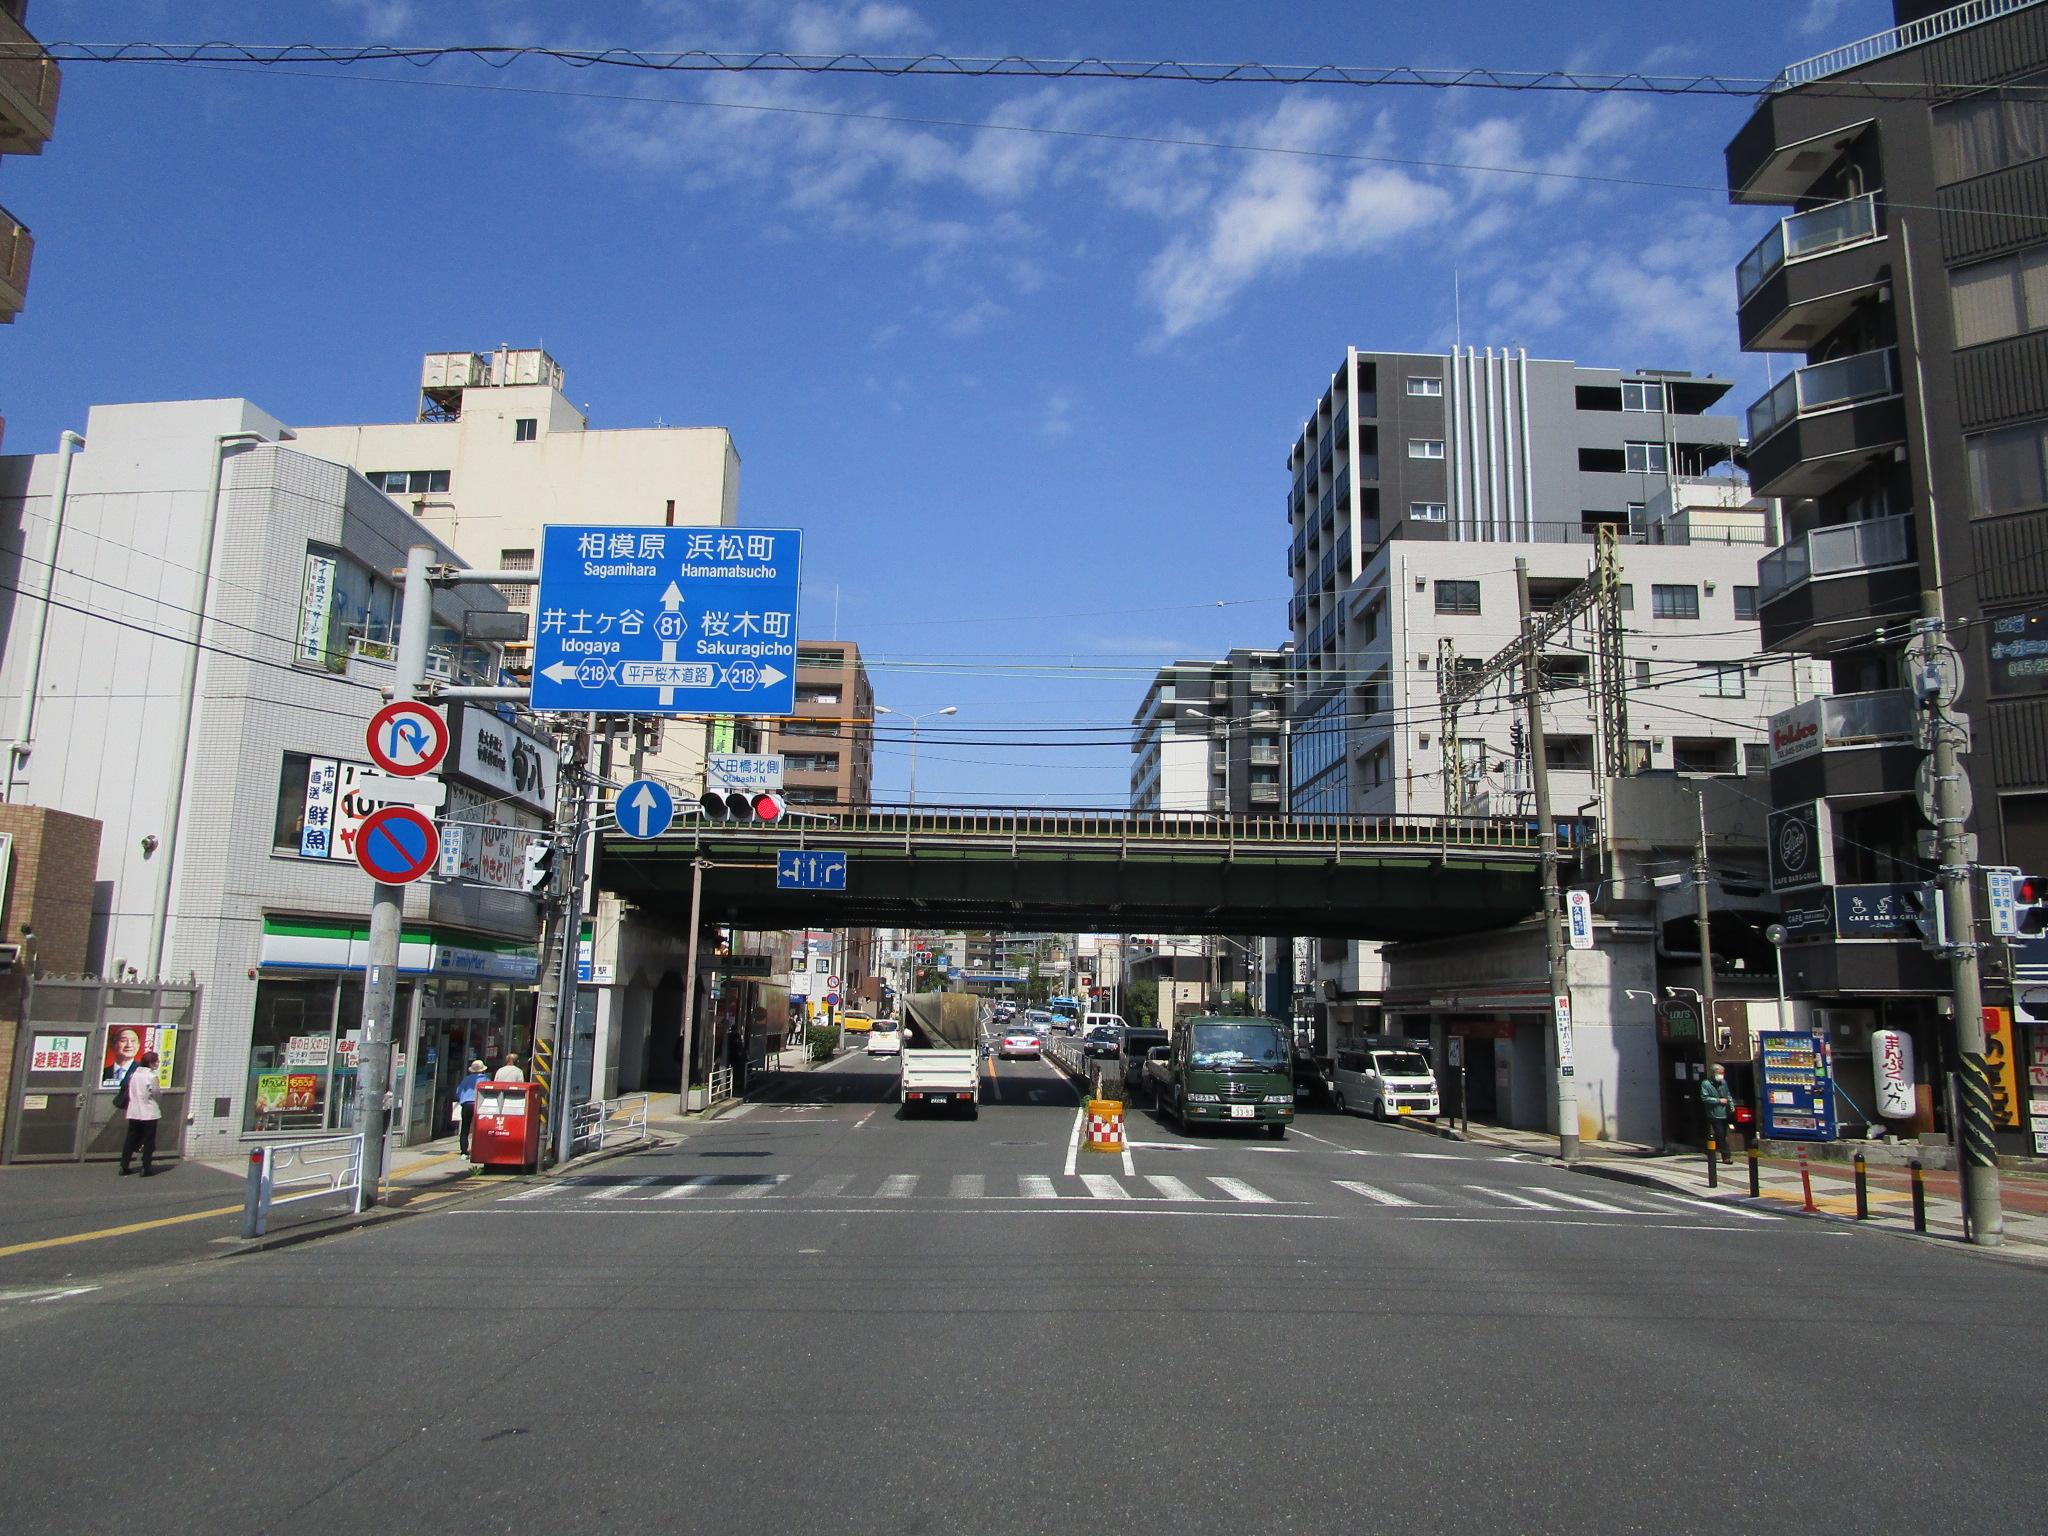 京急 黄金町駅駅前